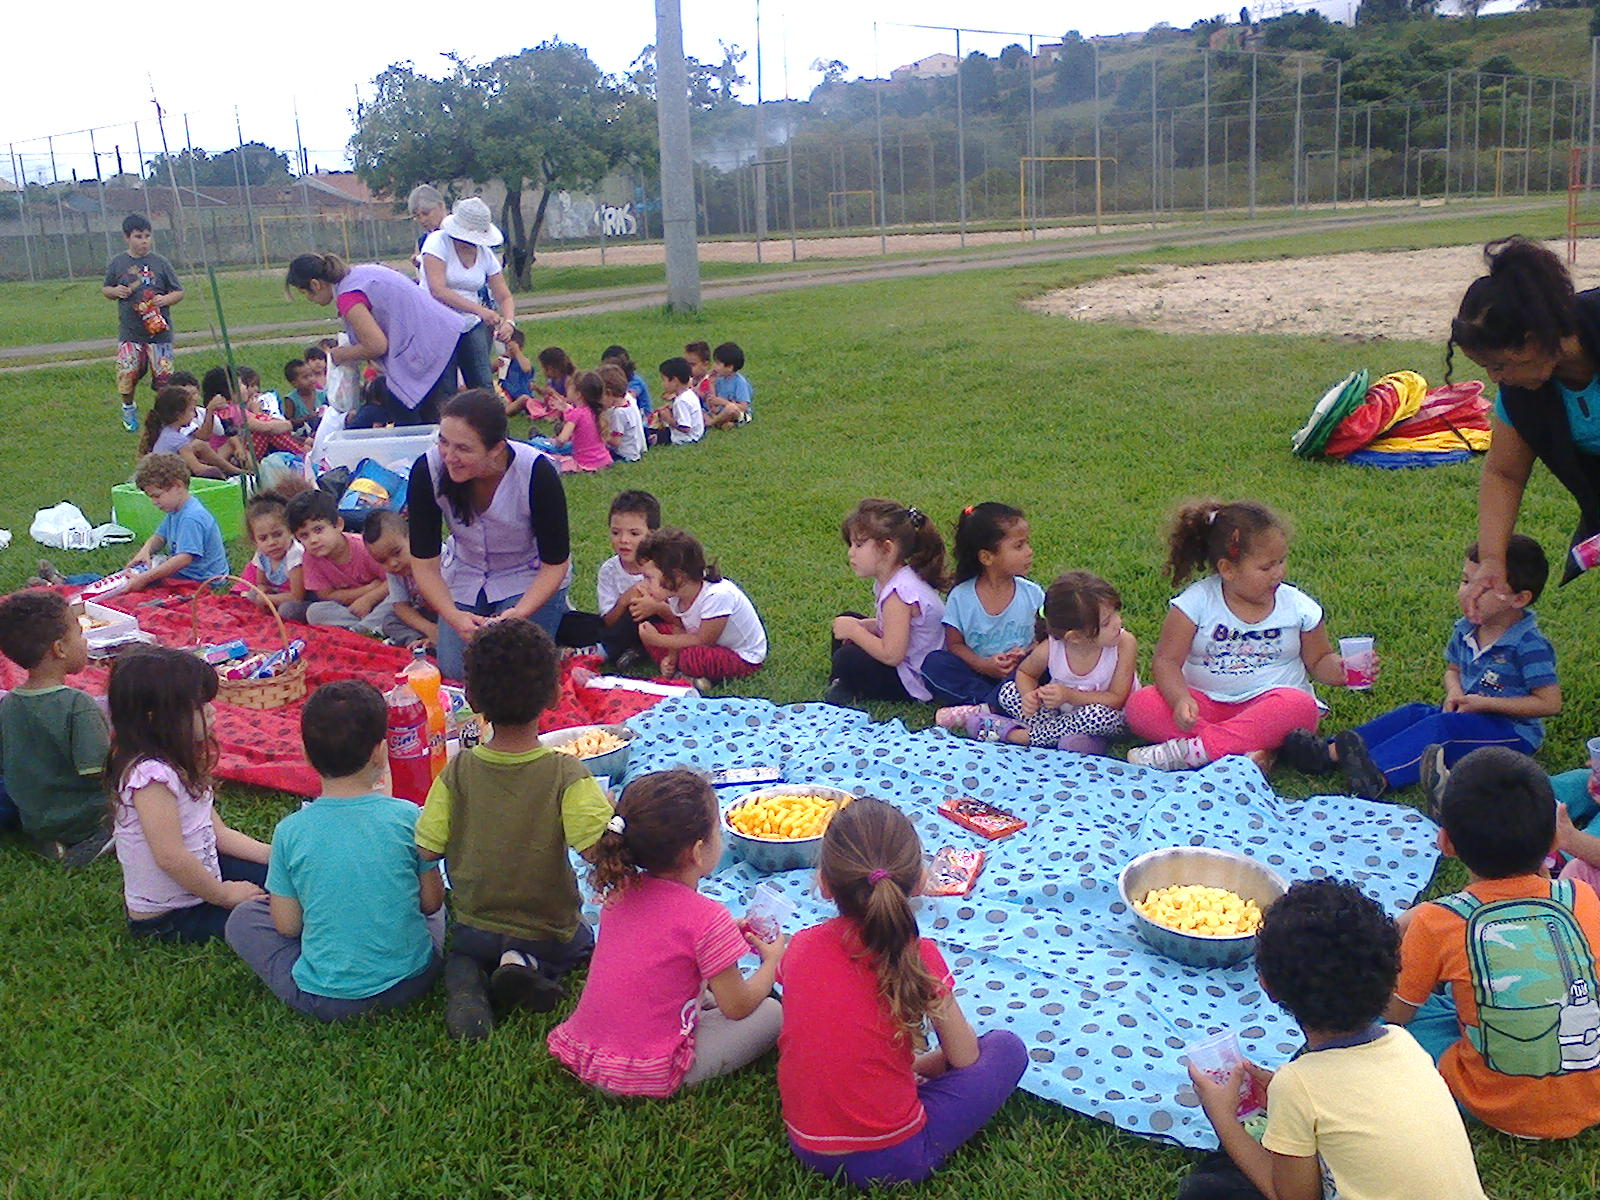 Homenagem do CMEI Santa Cândida à cidade de Curitiba